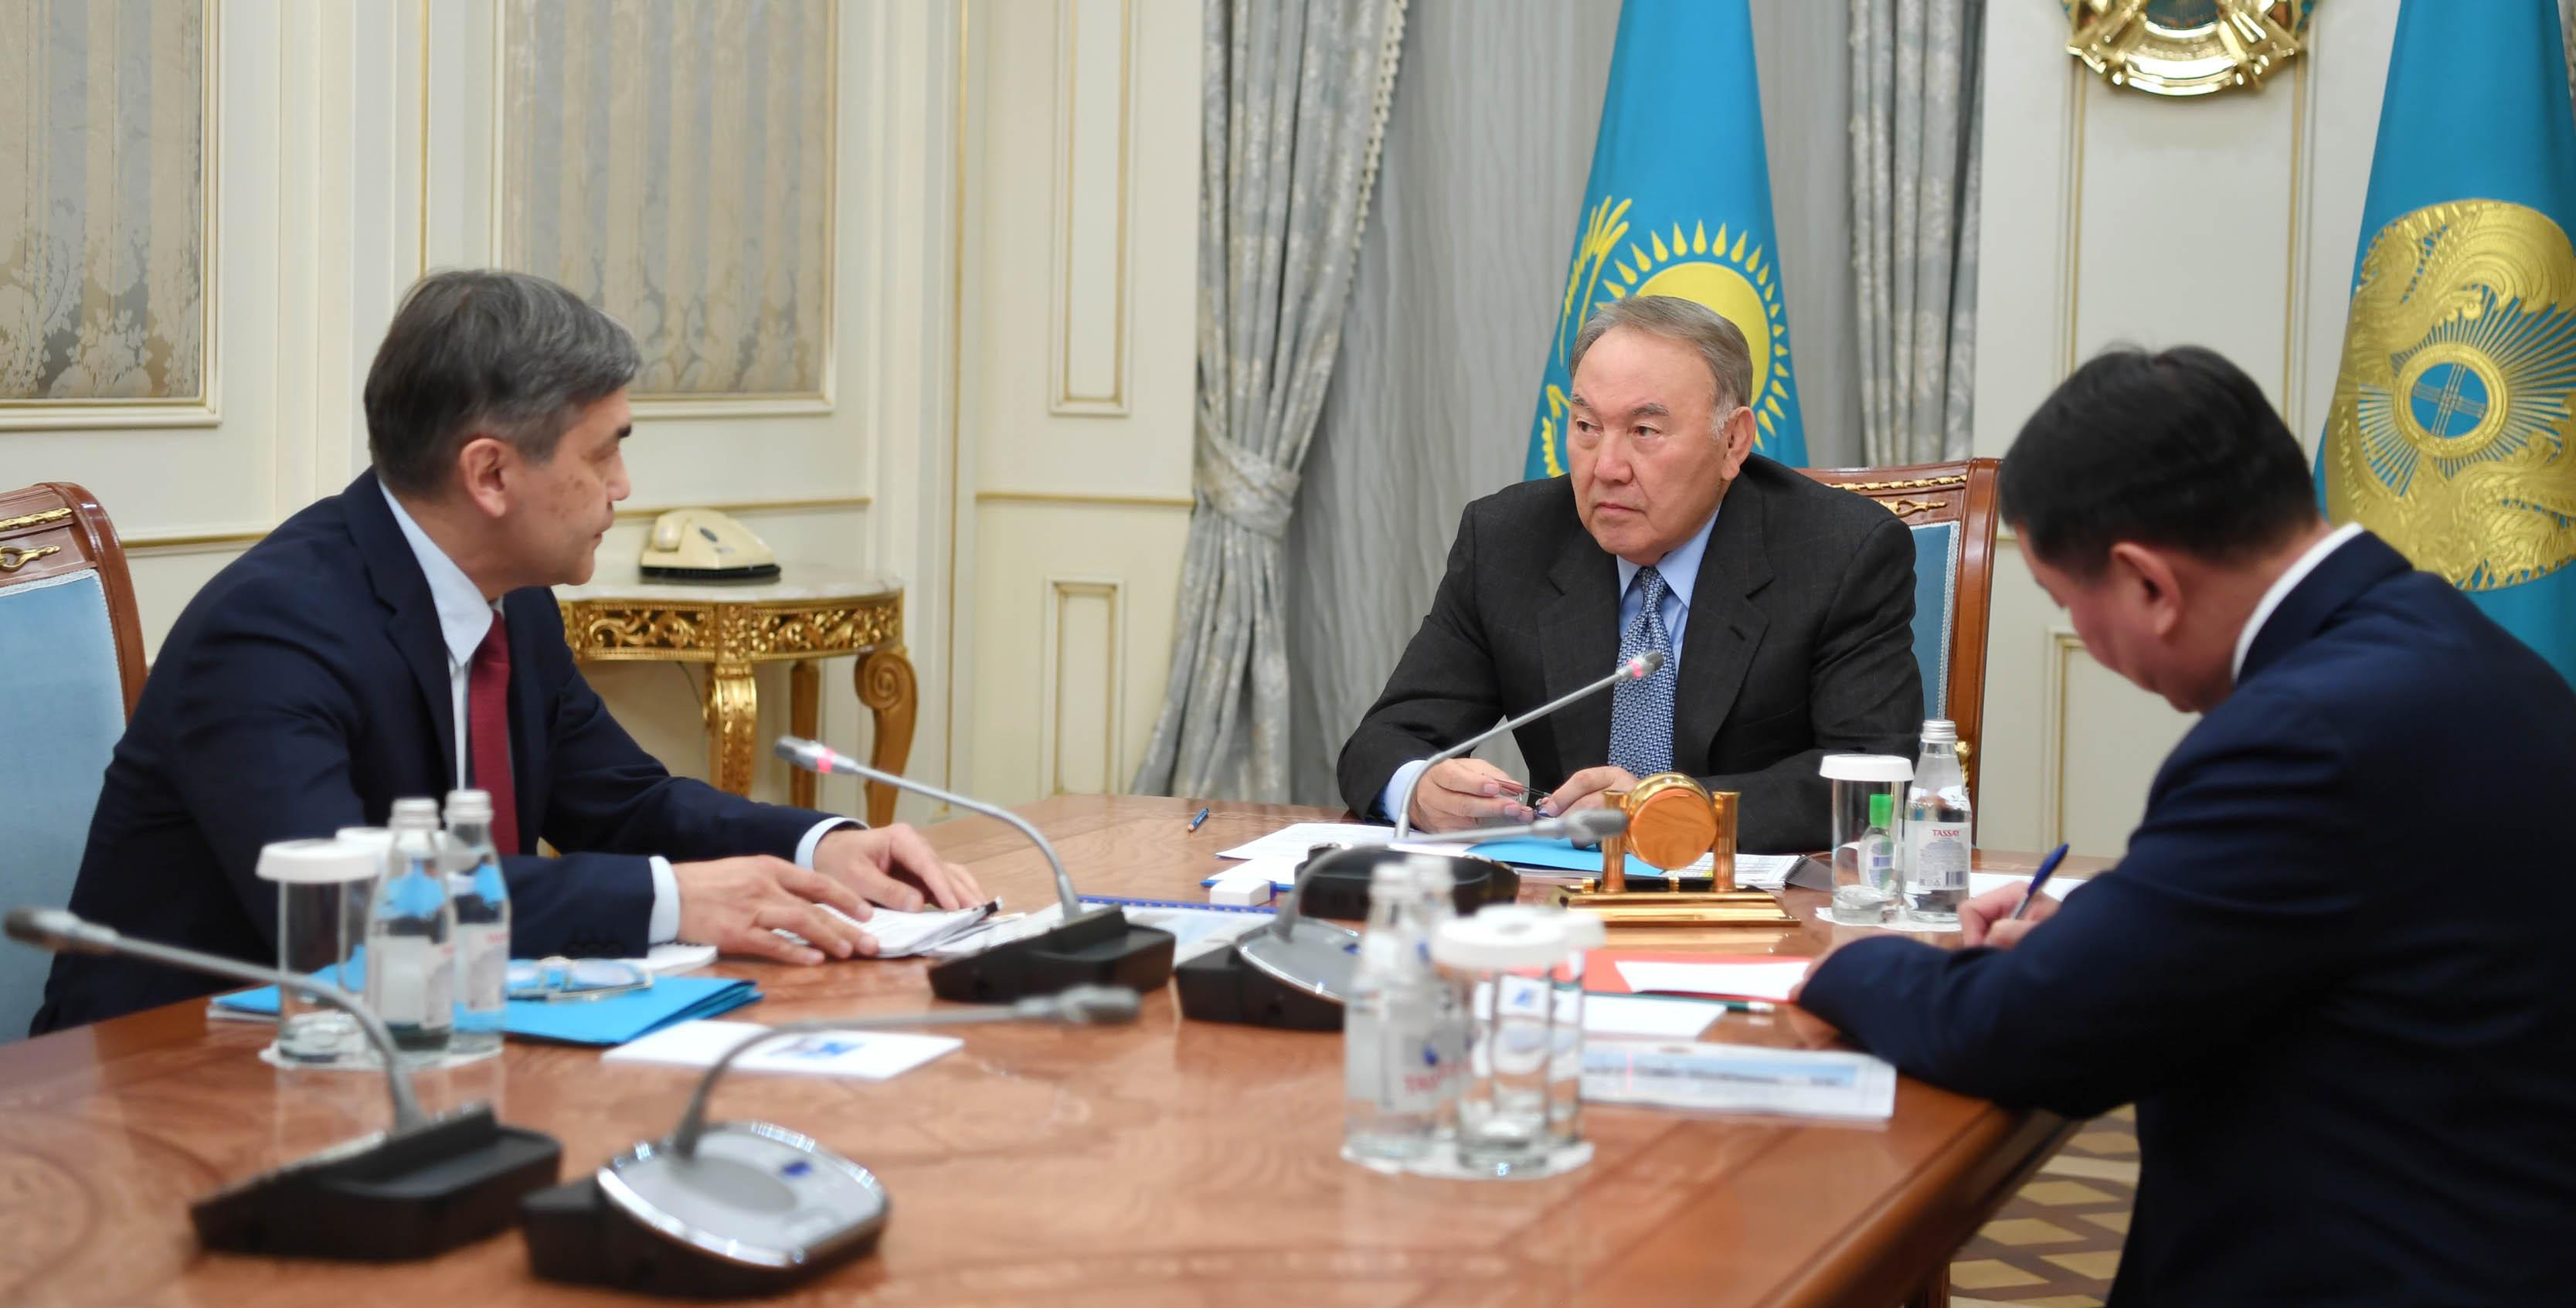 Министр обороны РК доложил Назарбаеву о деятельности казахстанцев в миротворческих миссиях